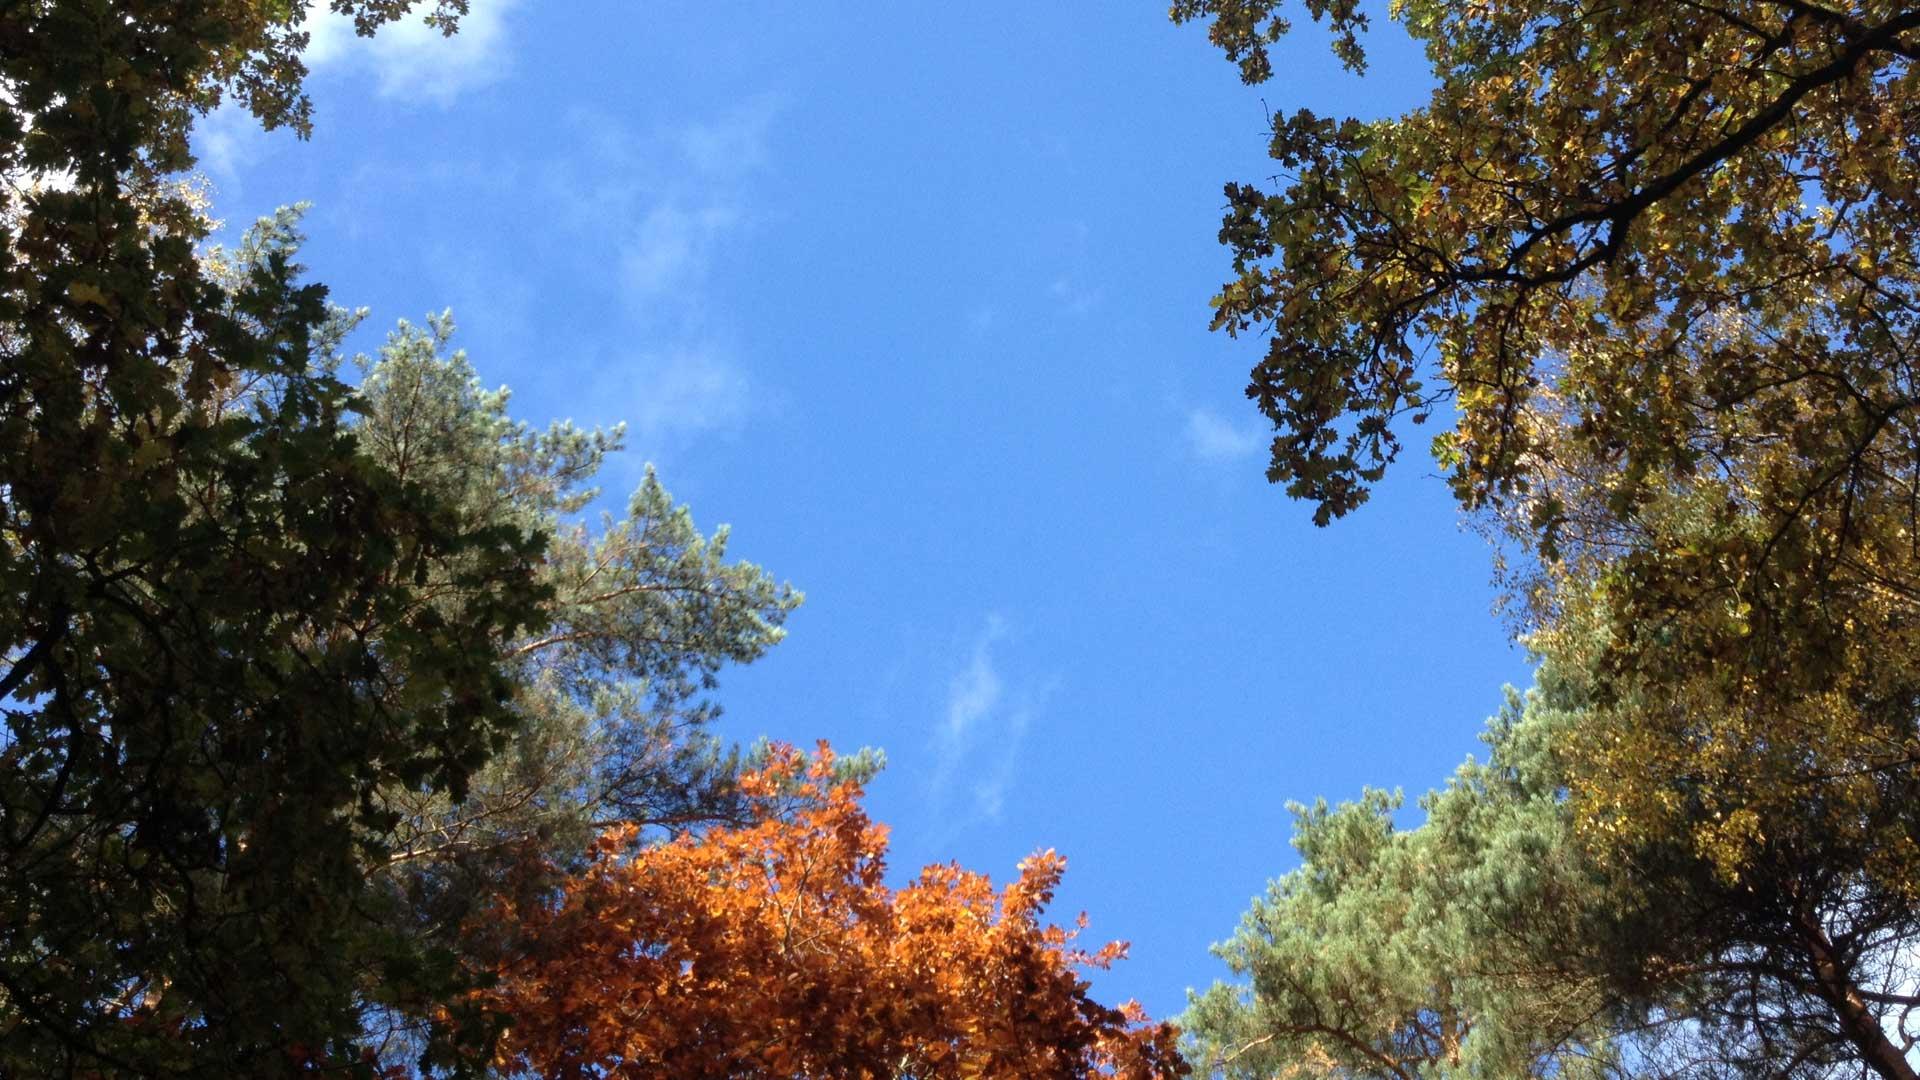 Heilpraktiker für Psychotherapie Berlin | Bäume & Himmel